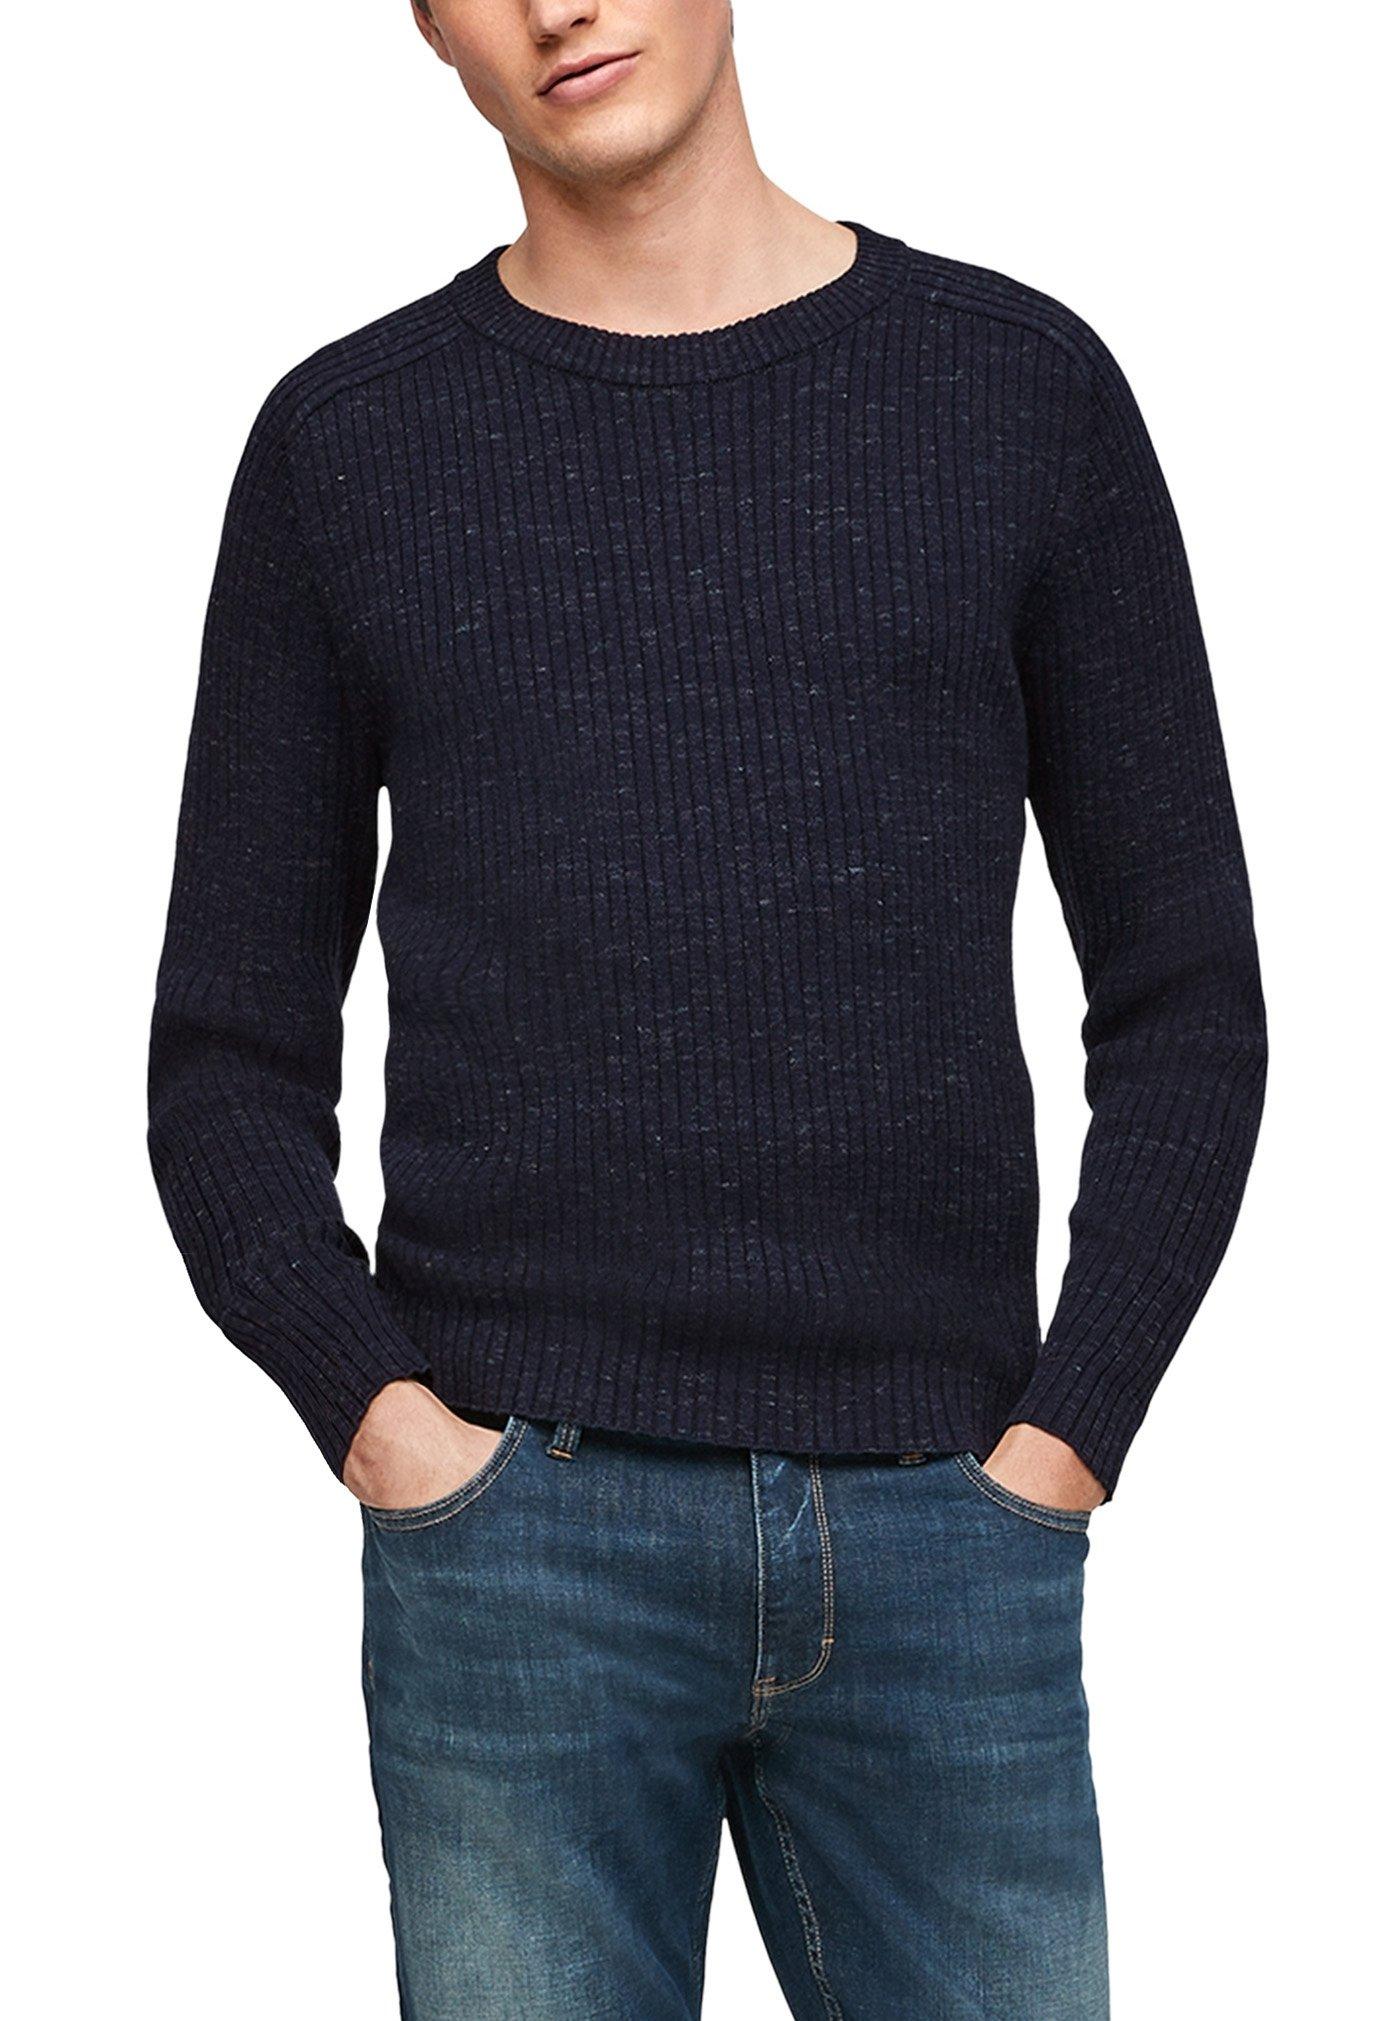 Homme MIT RIPPSTRUKTUR - Pullover